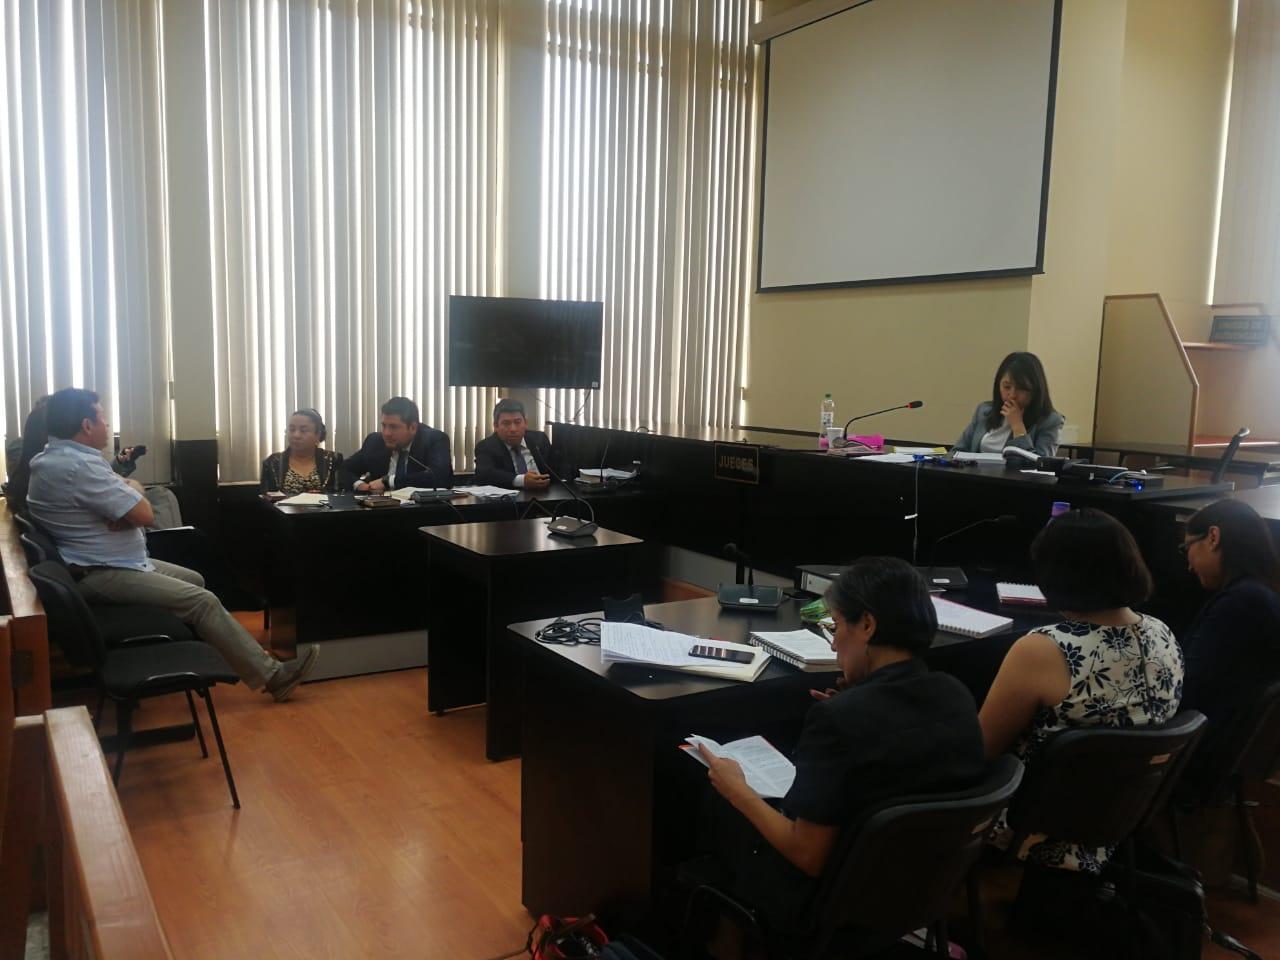 La jueza Erika Aifán suspendió la audiencia del ofrecimiento de las pruebas y revisión de medidas de coerción del caso Comisiones Paralelas. (Foto Prensa Libre: Juan Diego González)